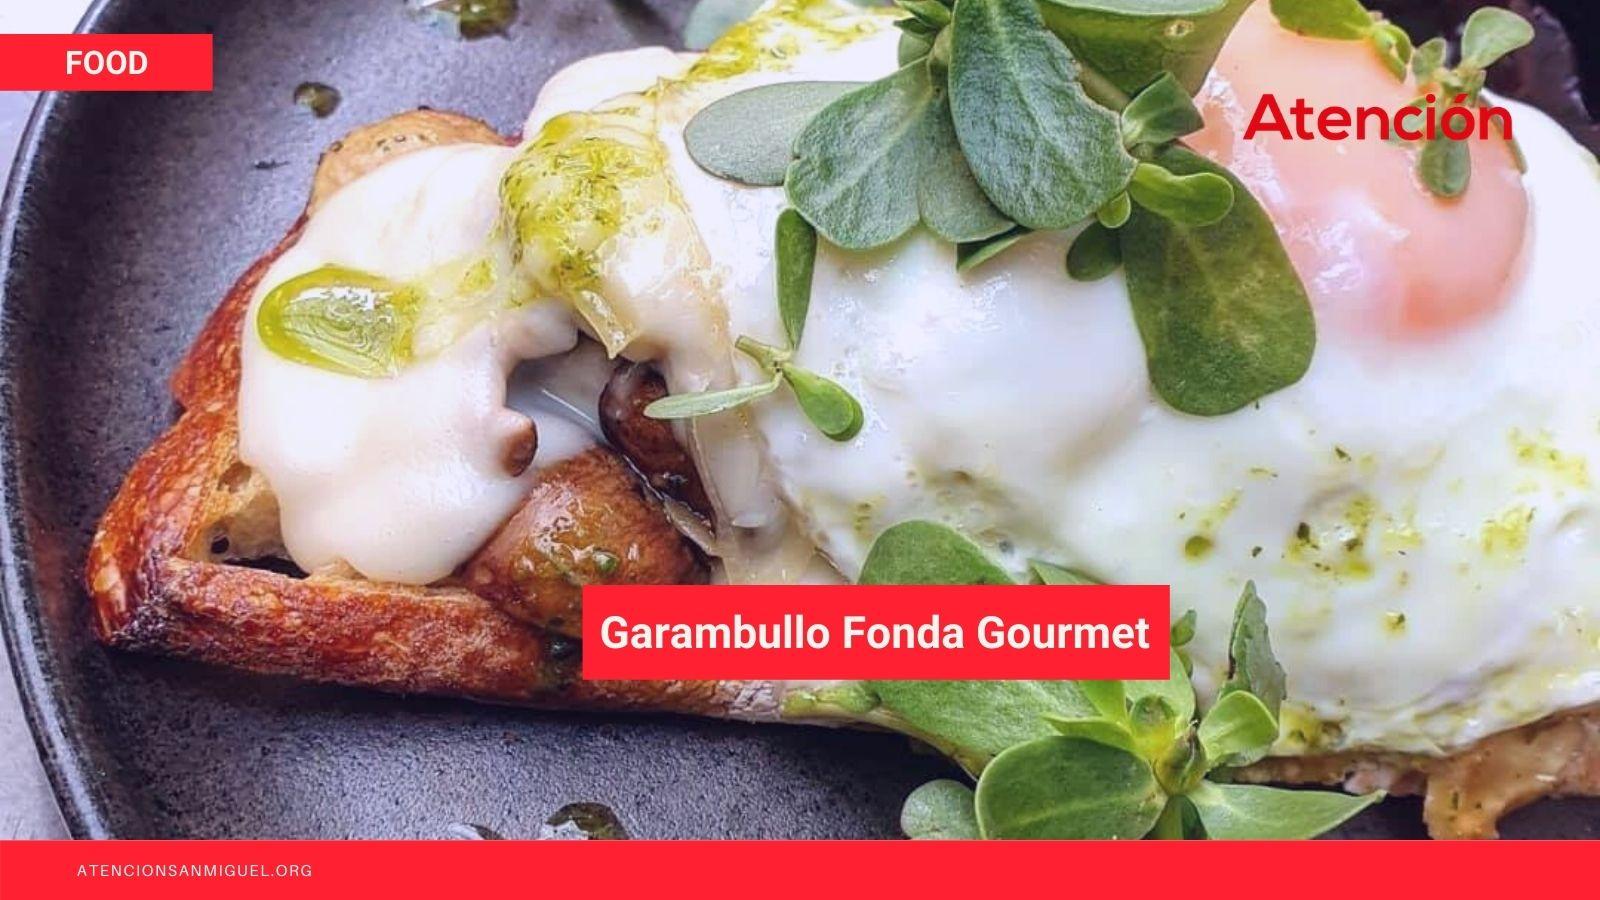 Garambullo-Fonda-Gourmet-ing.jpg